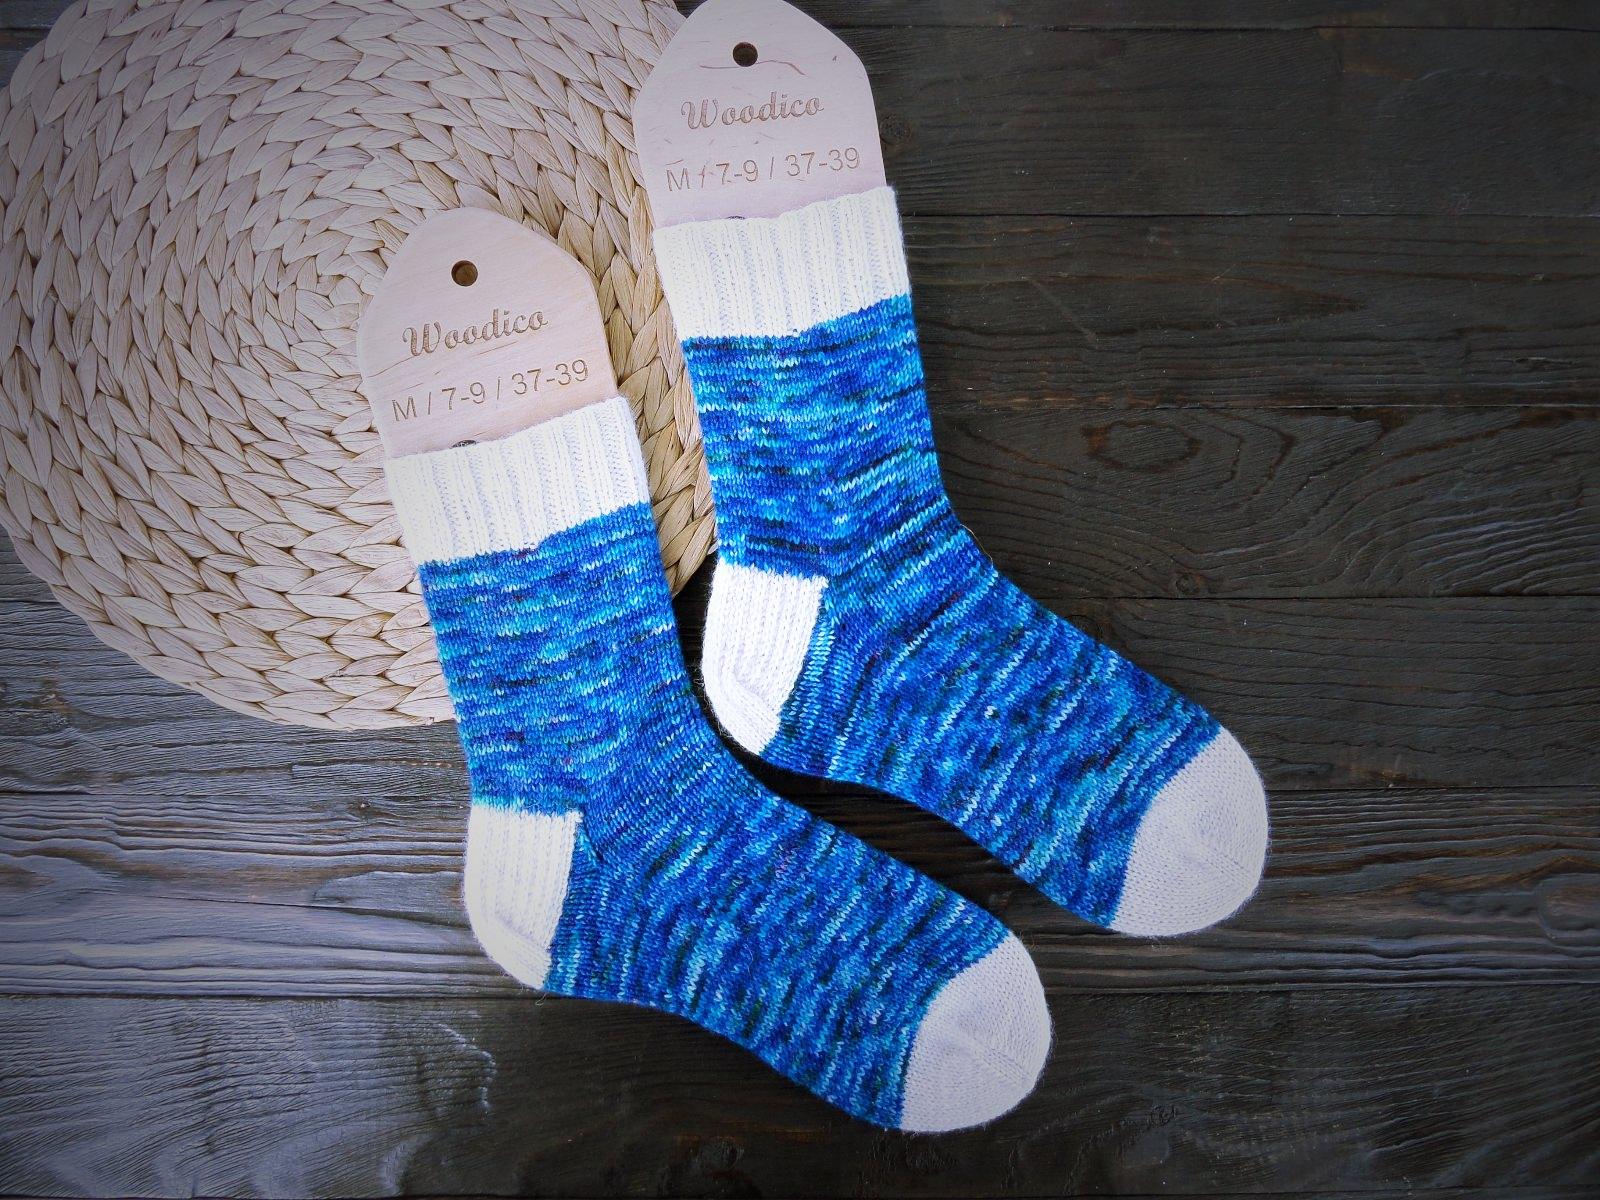 Hand knitting socks S-02 - nosochki 60